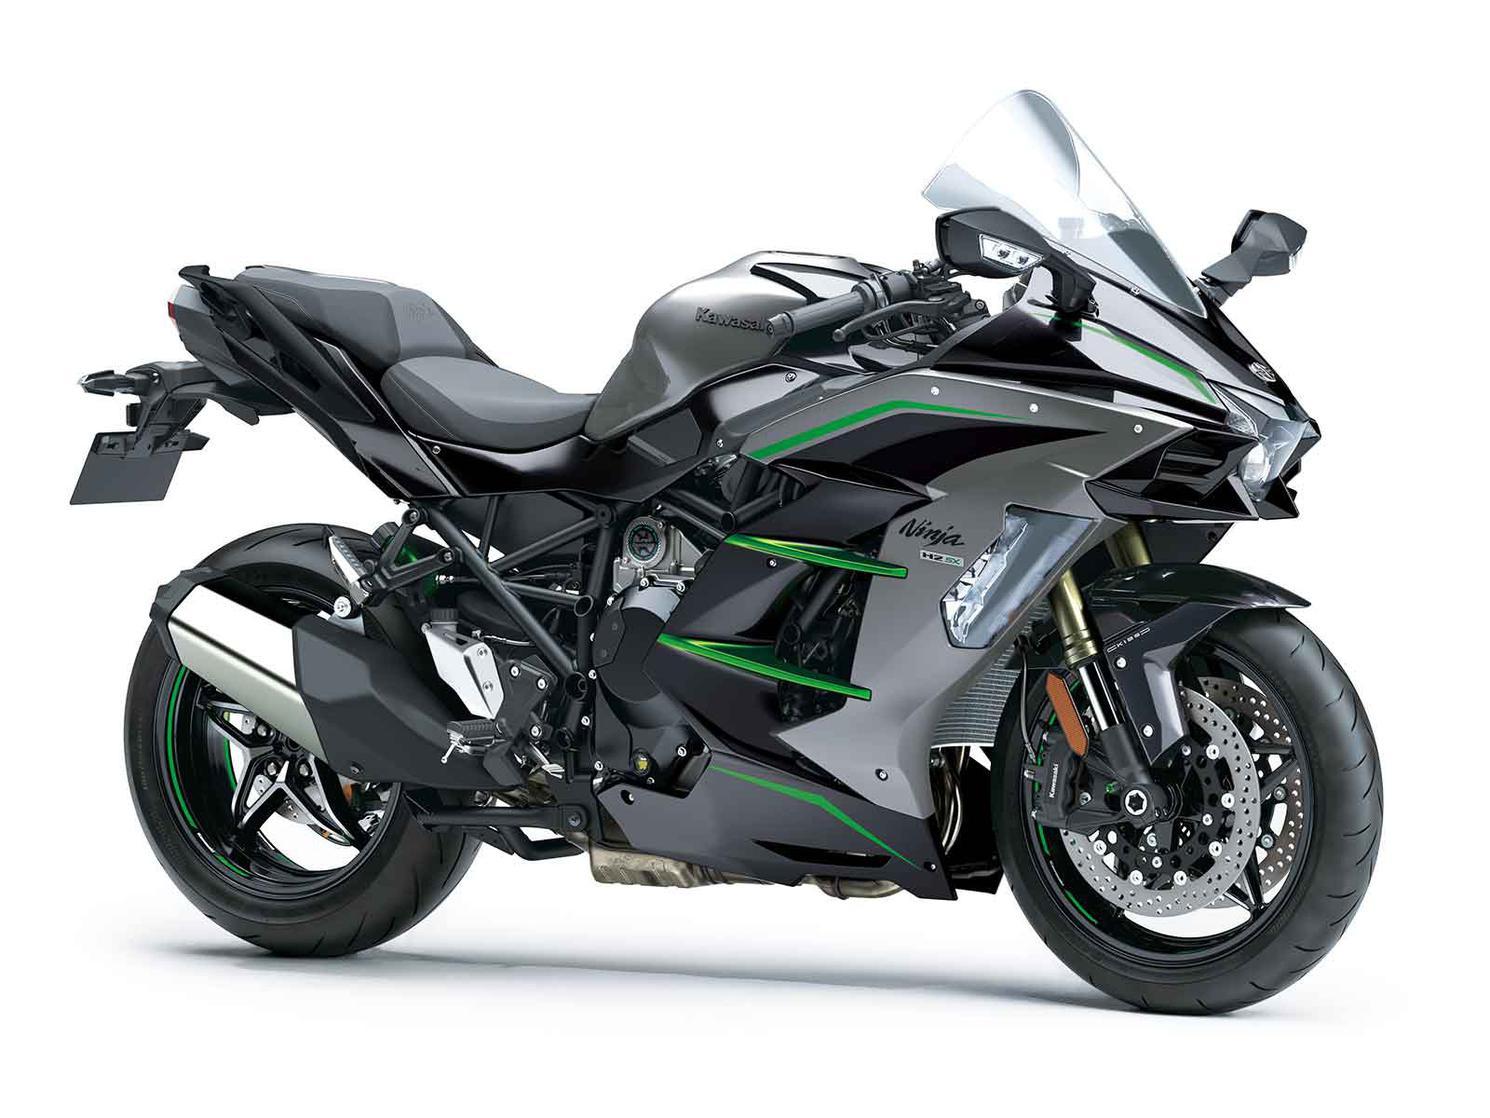 2020 Kawasaki NINJA H2 SX SE Metallic Graphite Gray/Metallic Diablo Black